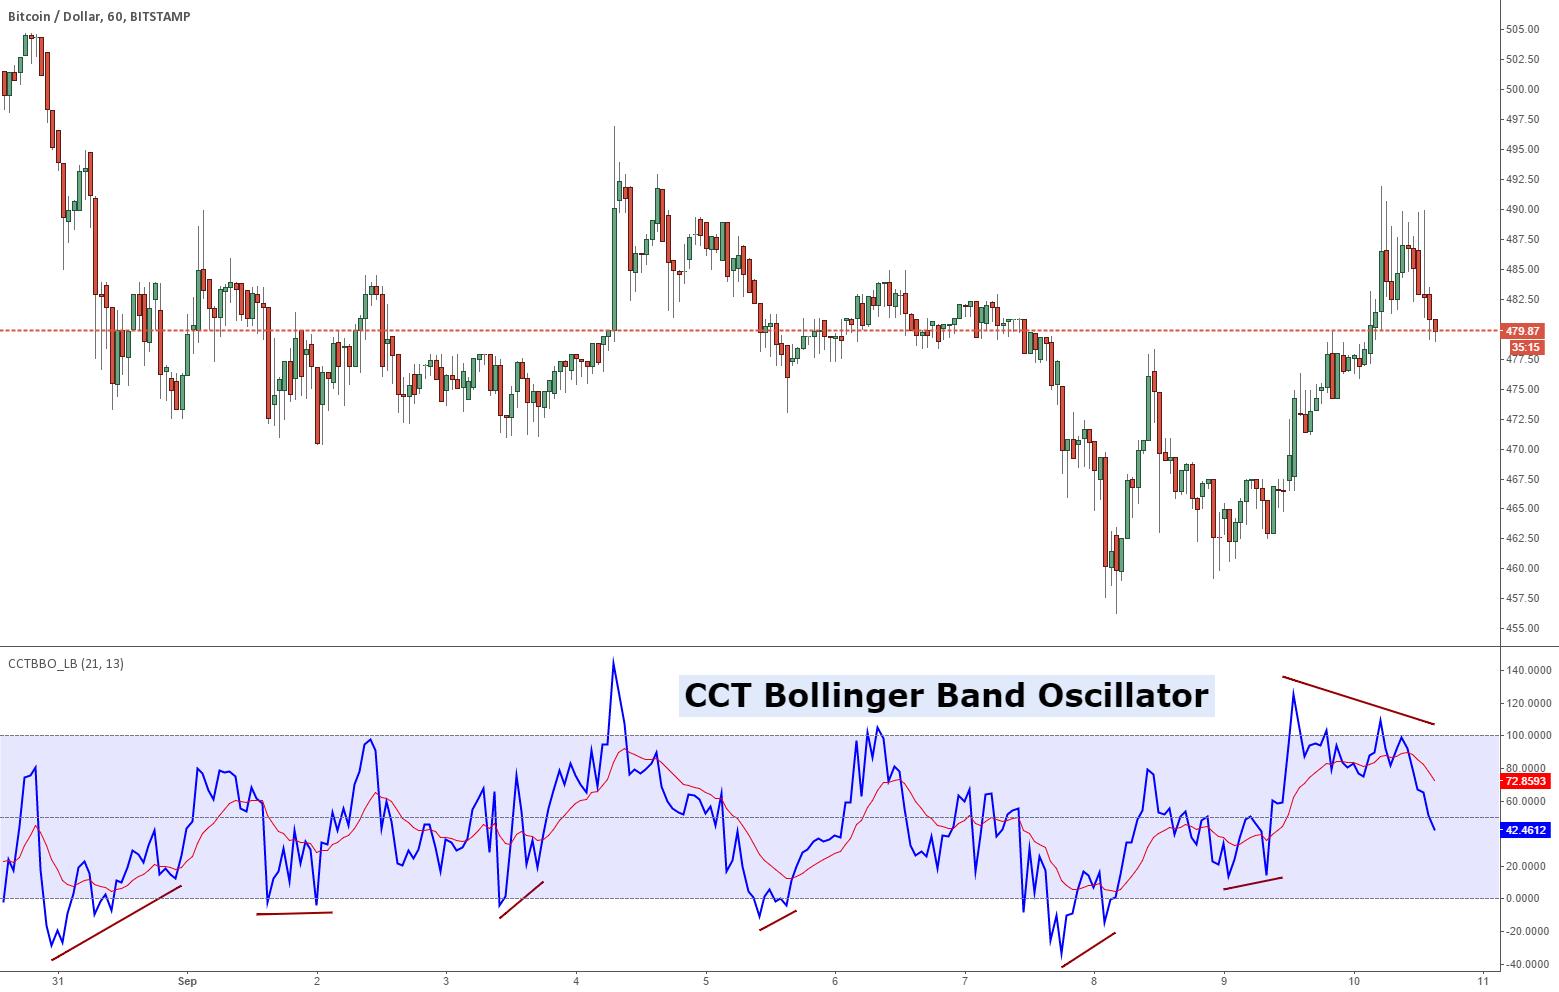 Bollinger bands stochastic oscillator